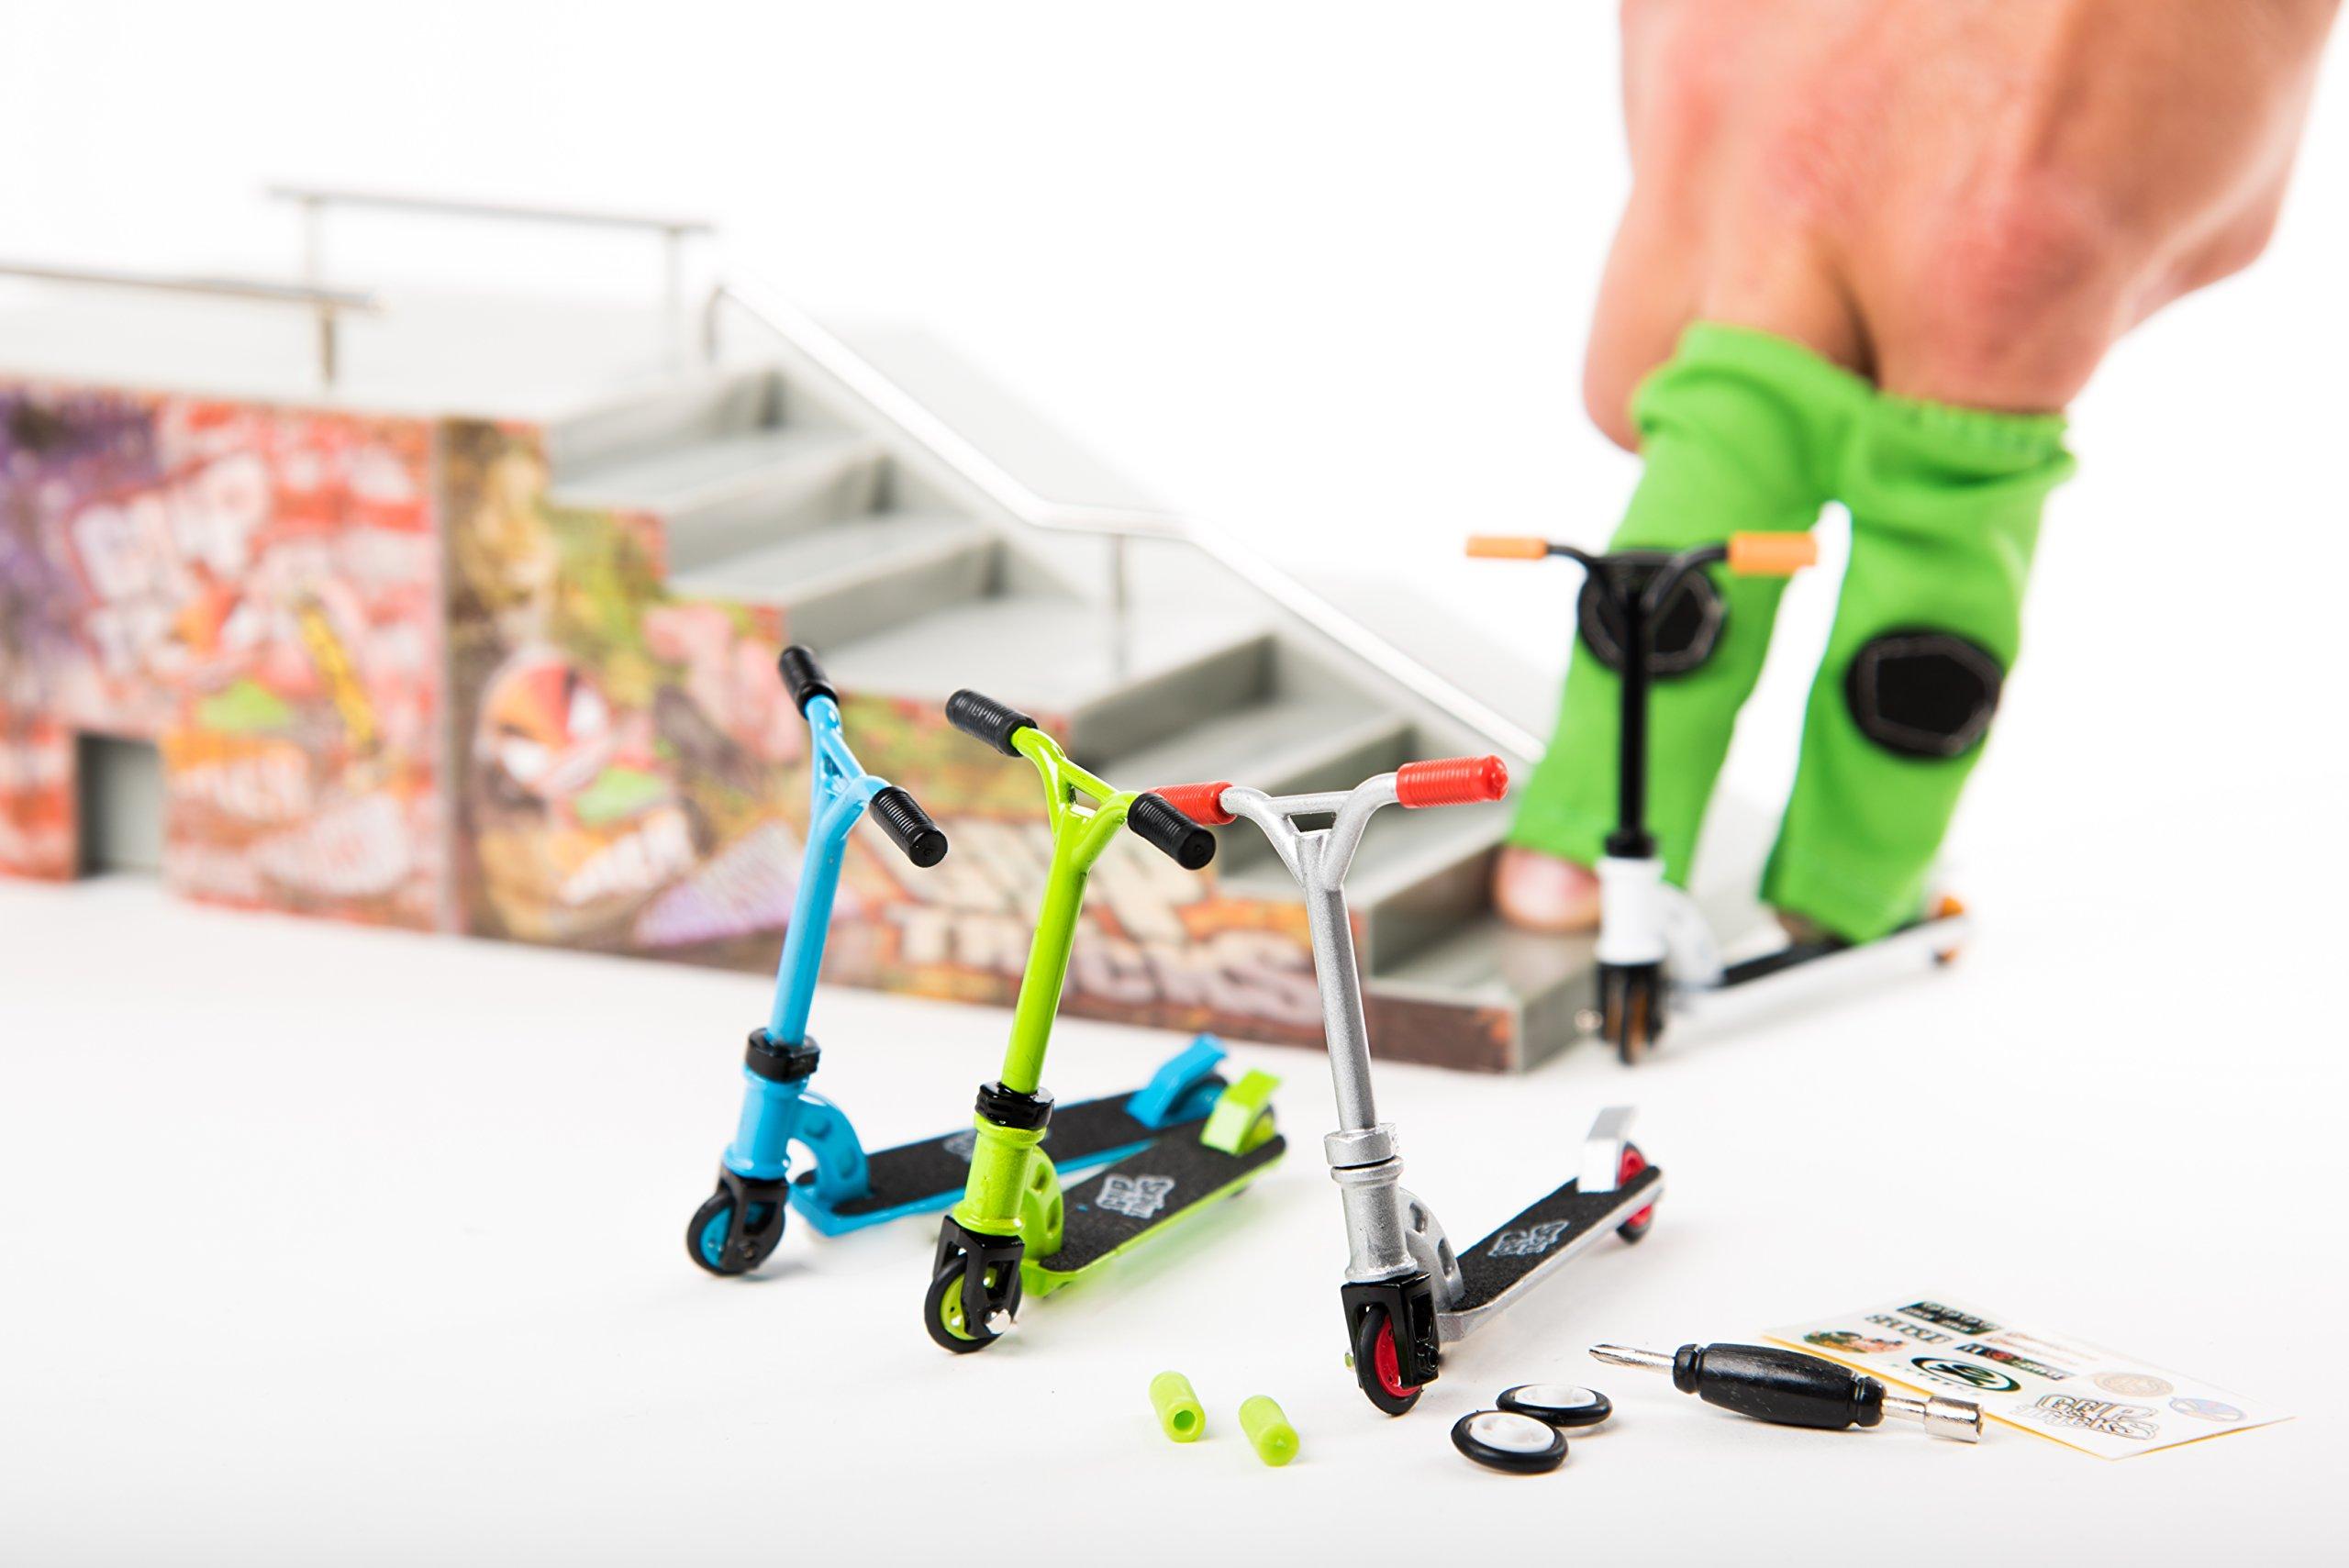 Grip & Tricks - Finger SCOOTER - Skate - Pack1 - Dimensions: 22 X 13,5 X 2 cm by Grip&Tricks by Grip&Tricks (Image #3)